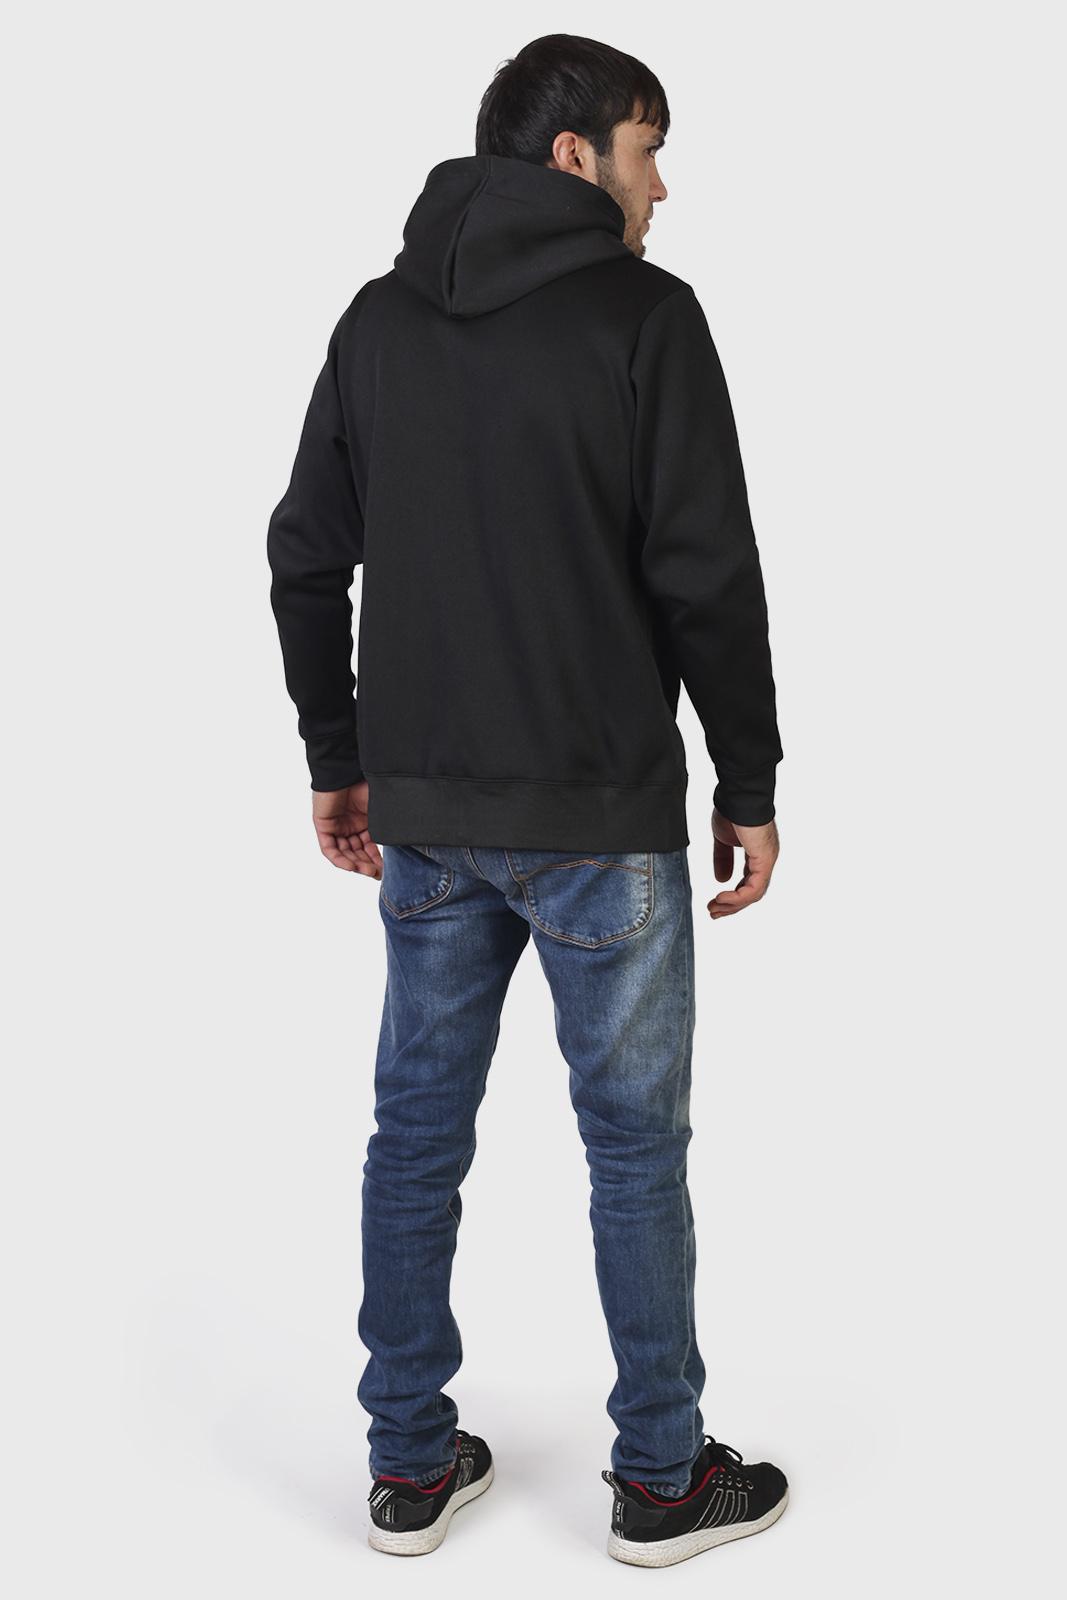 Черная мужская толстовка с эмблемой Пограничных войск купить с доставкой